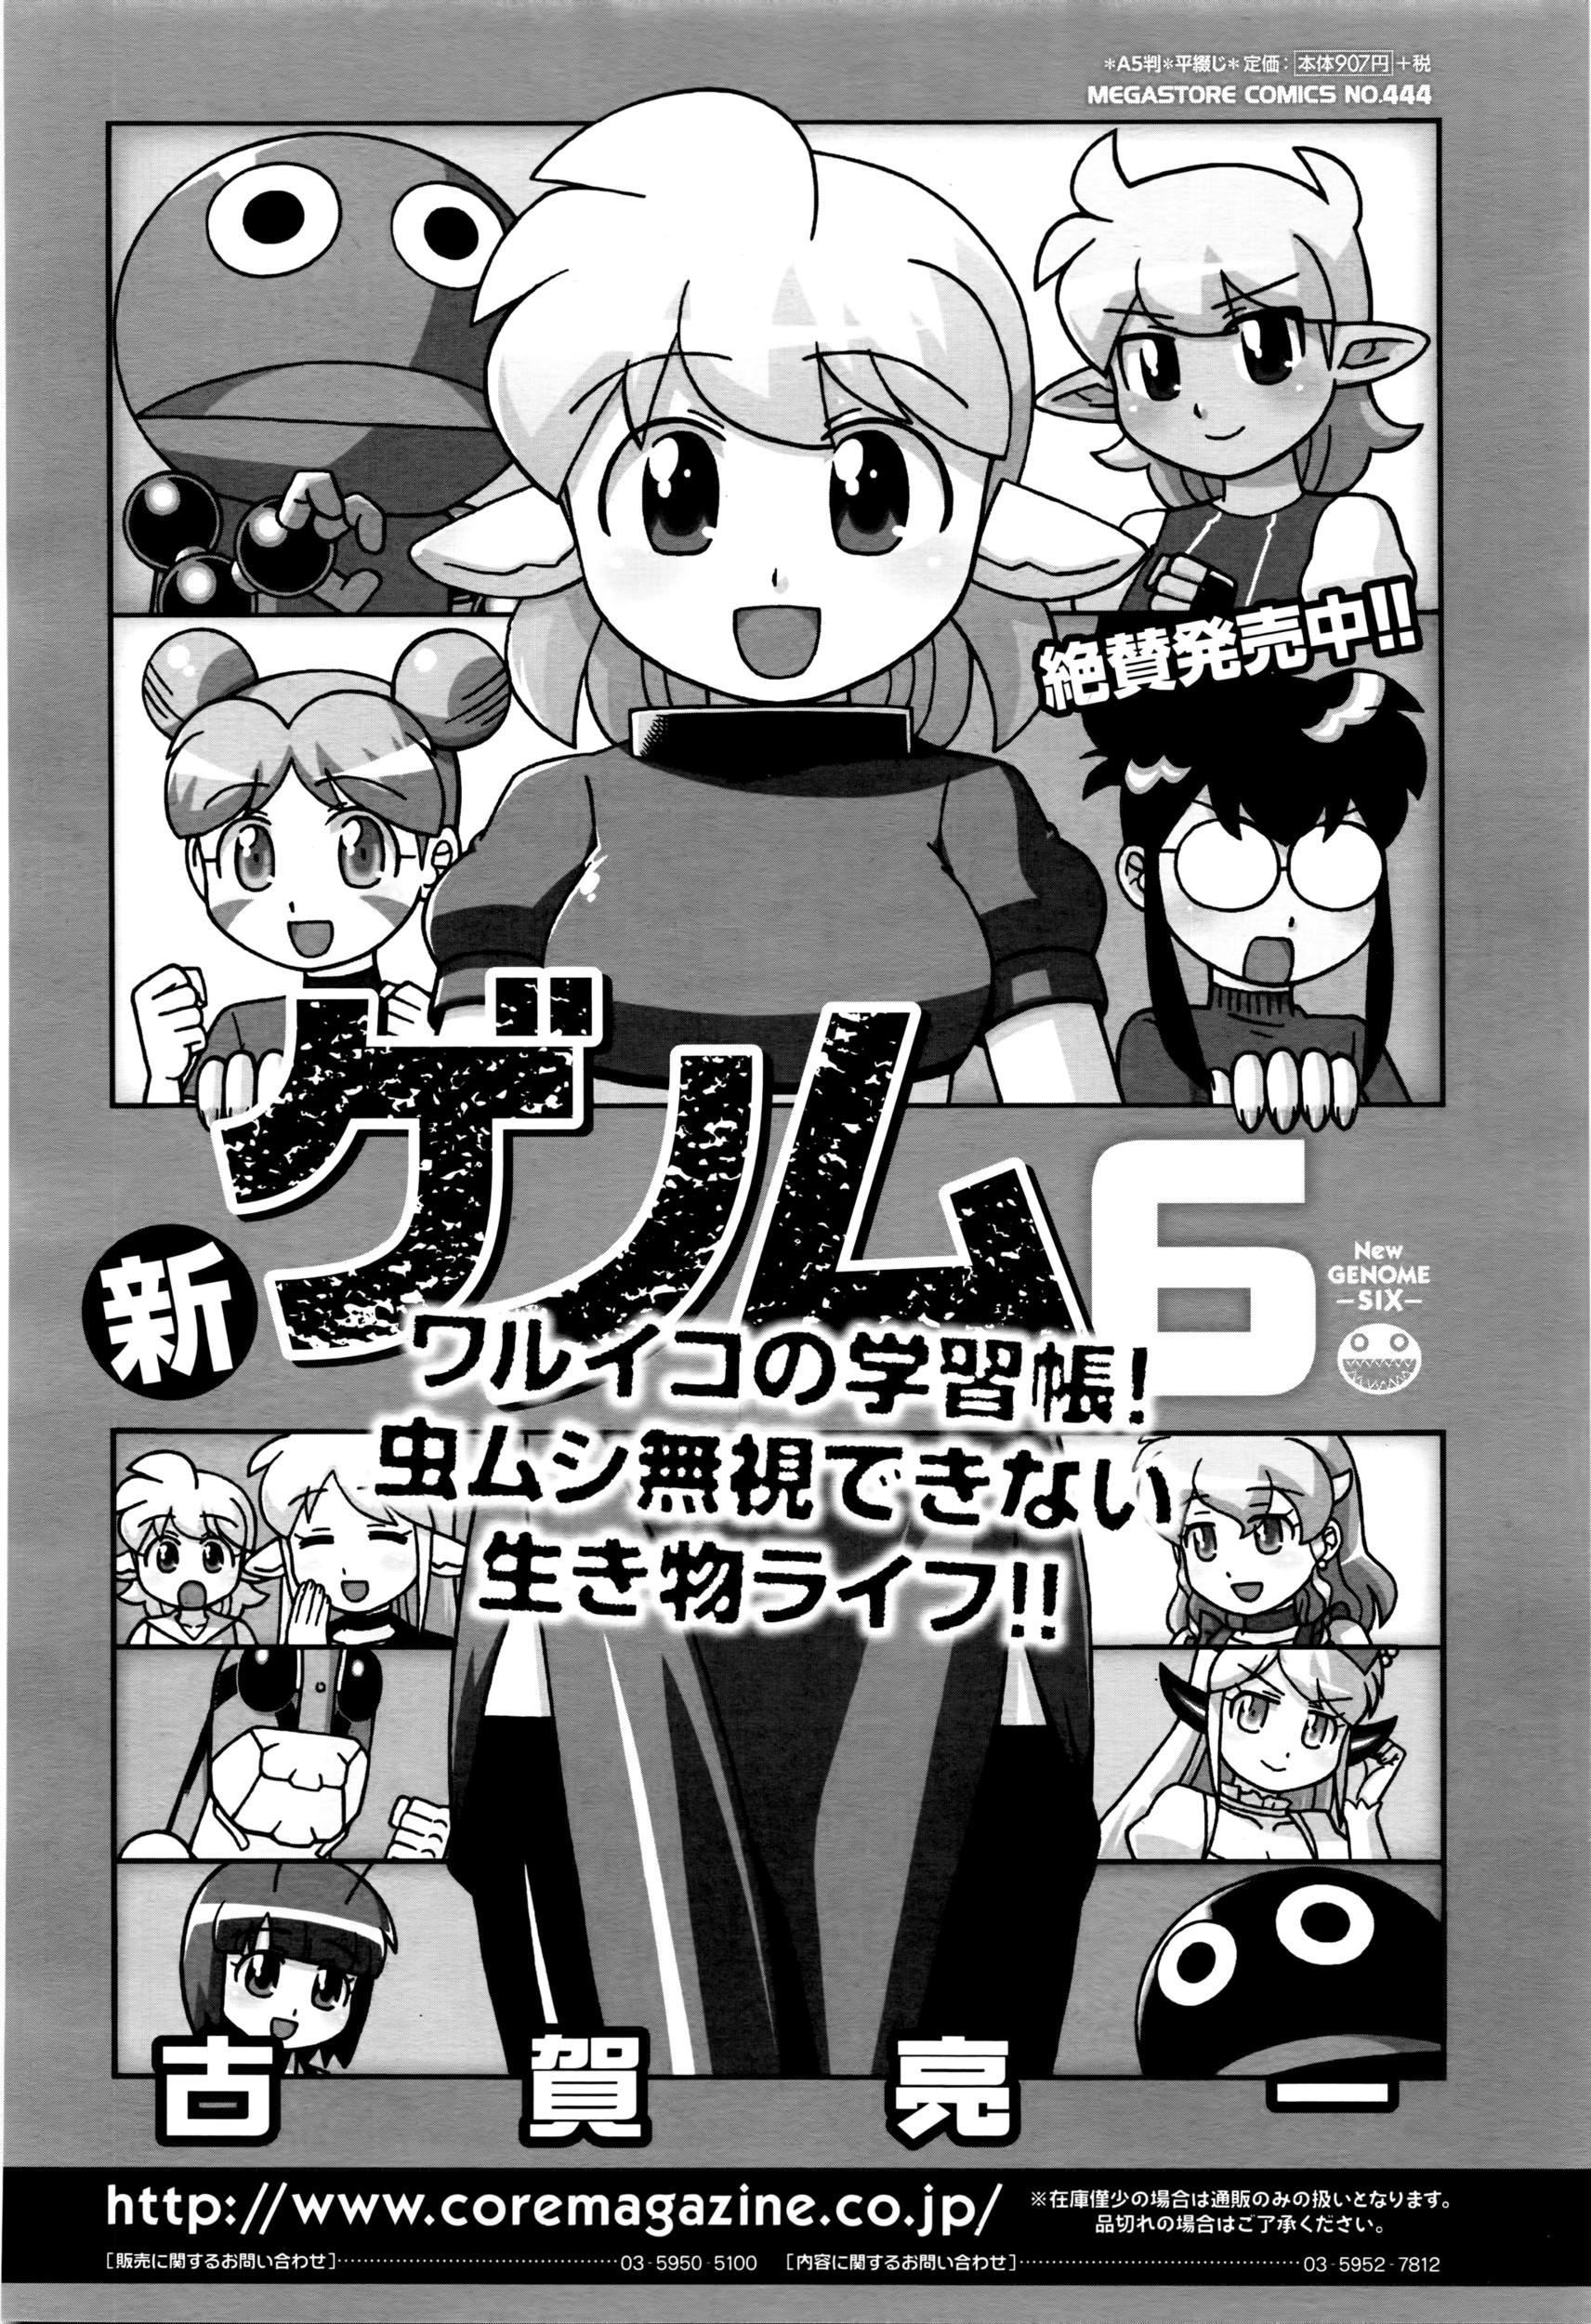 COMIC Megastore Alpha 2016-04 440